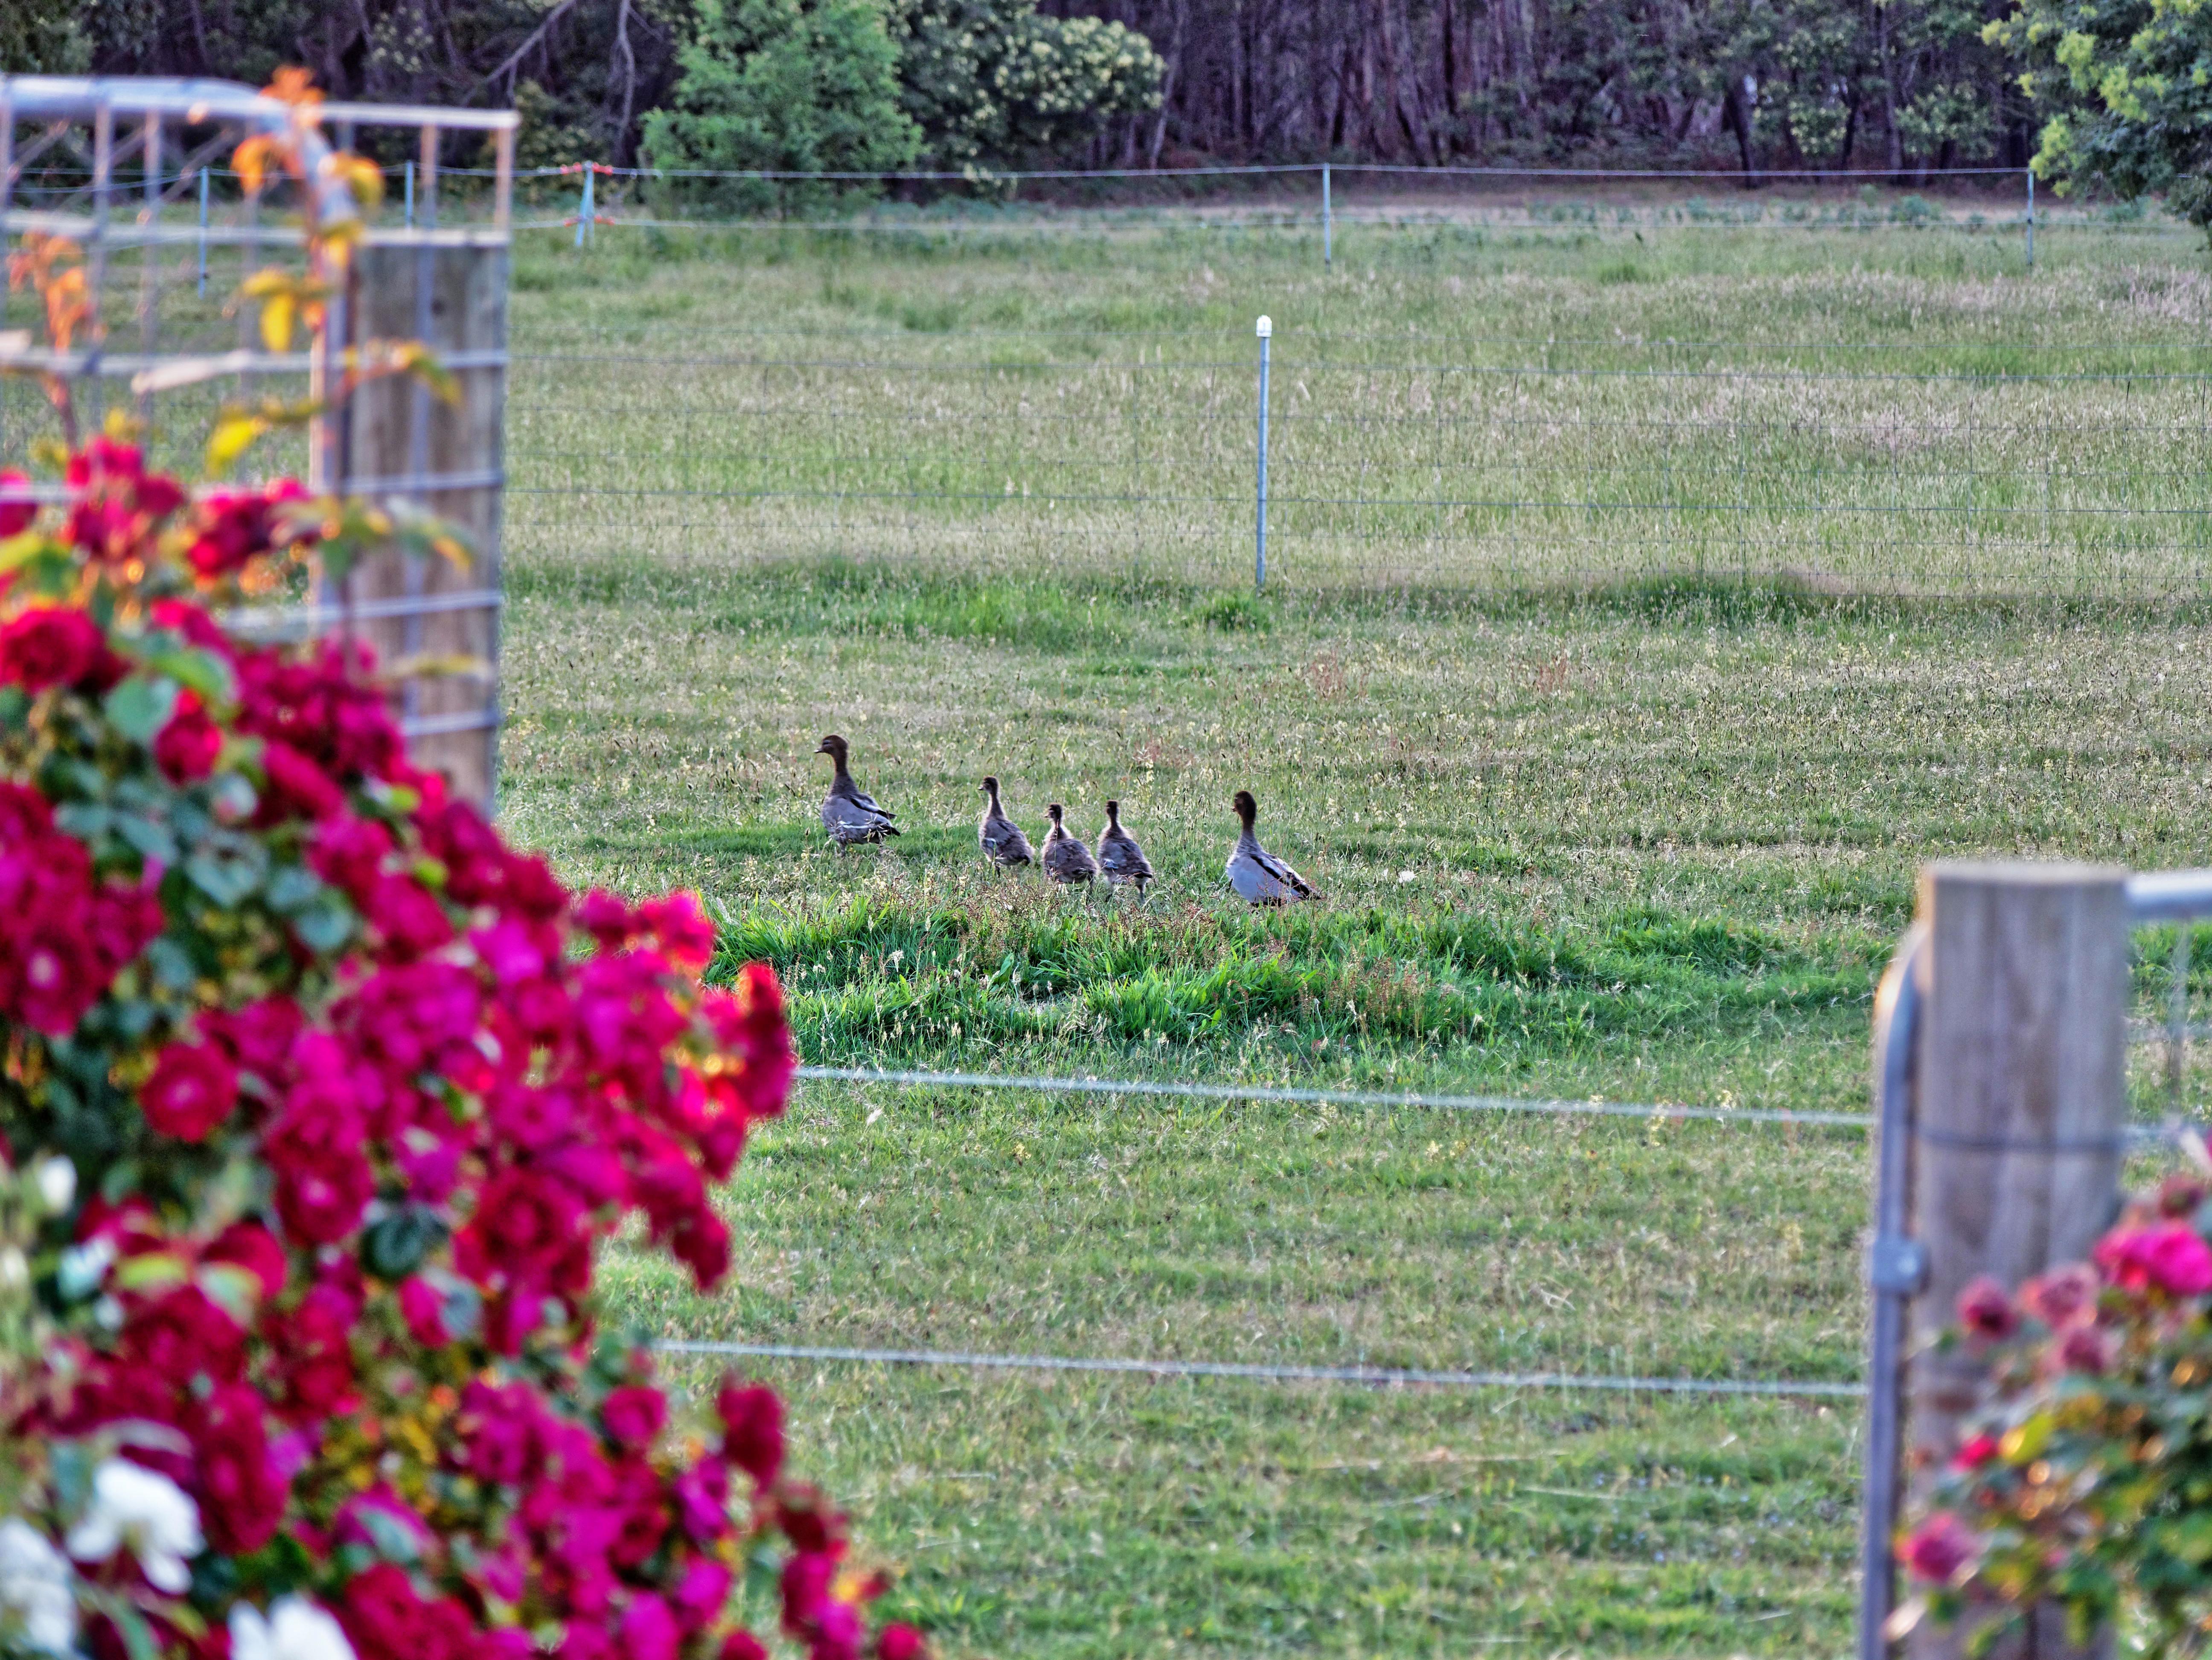 Magpies-and-ducks-18.jpeg